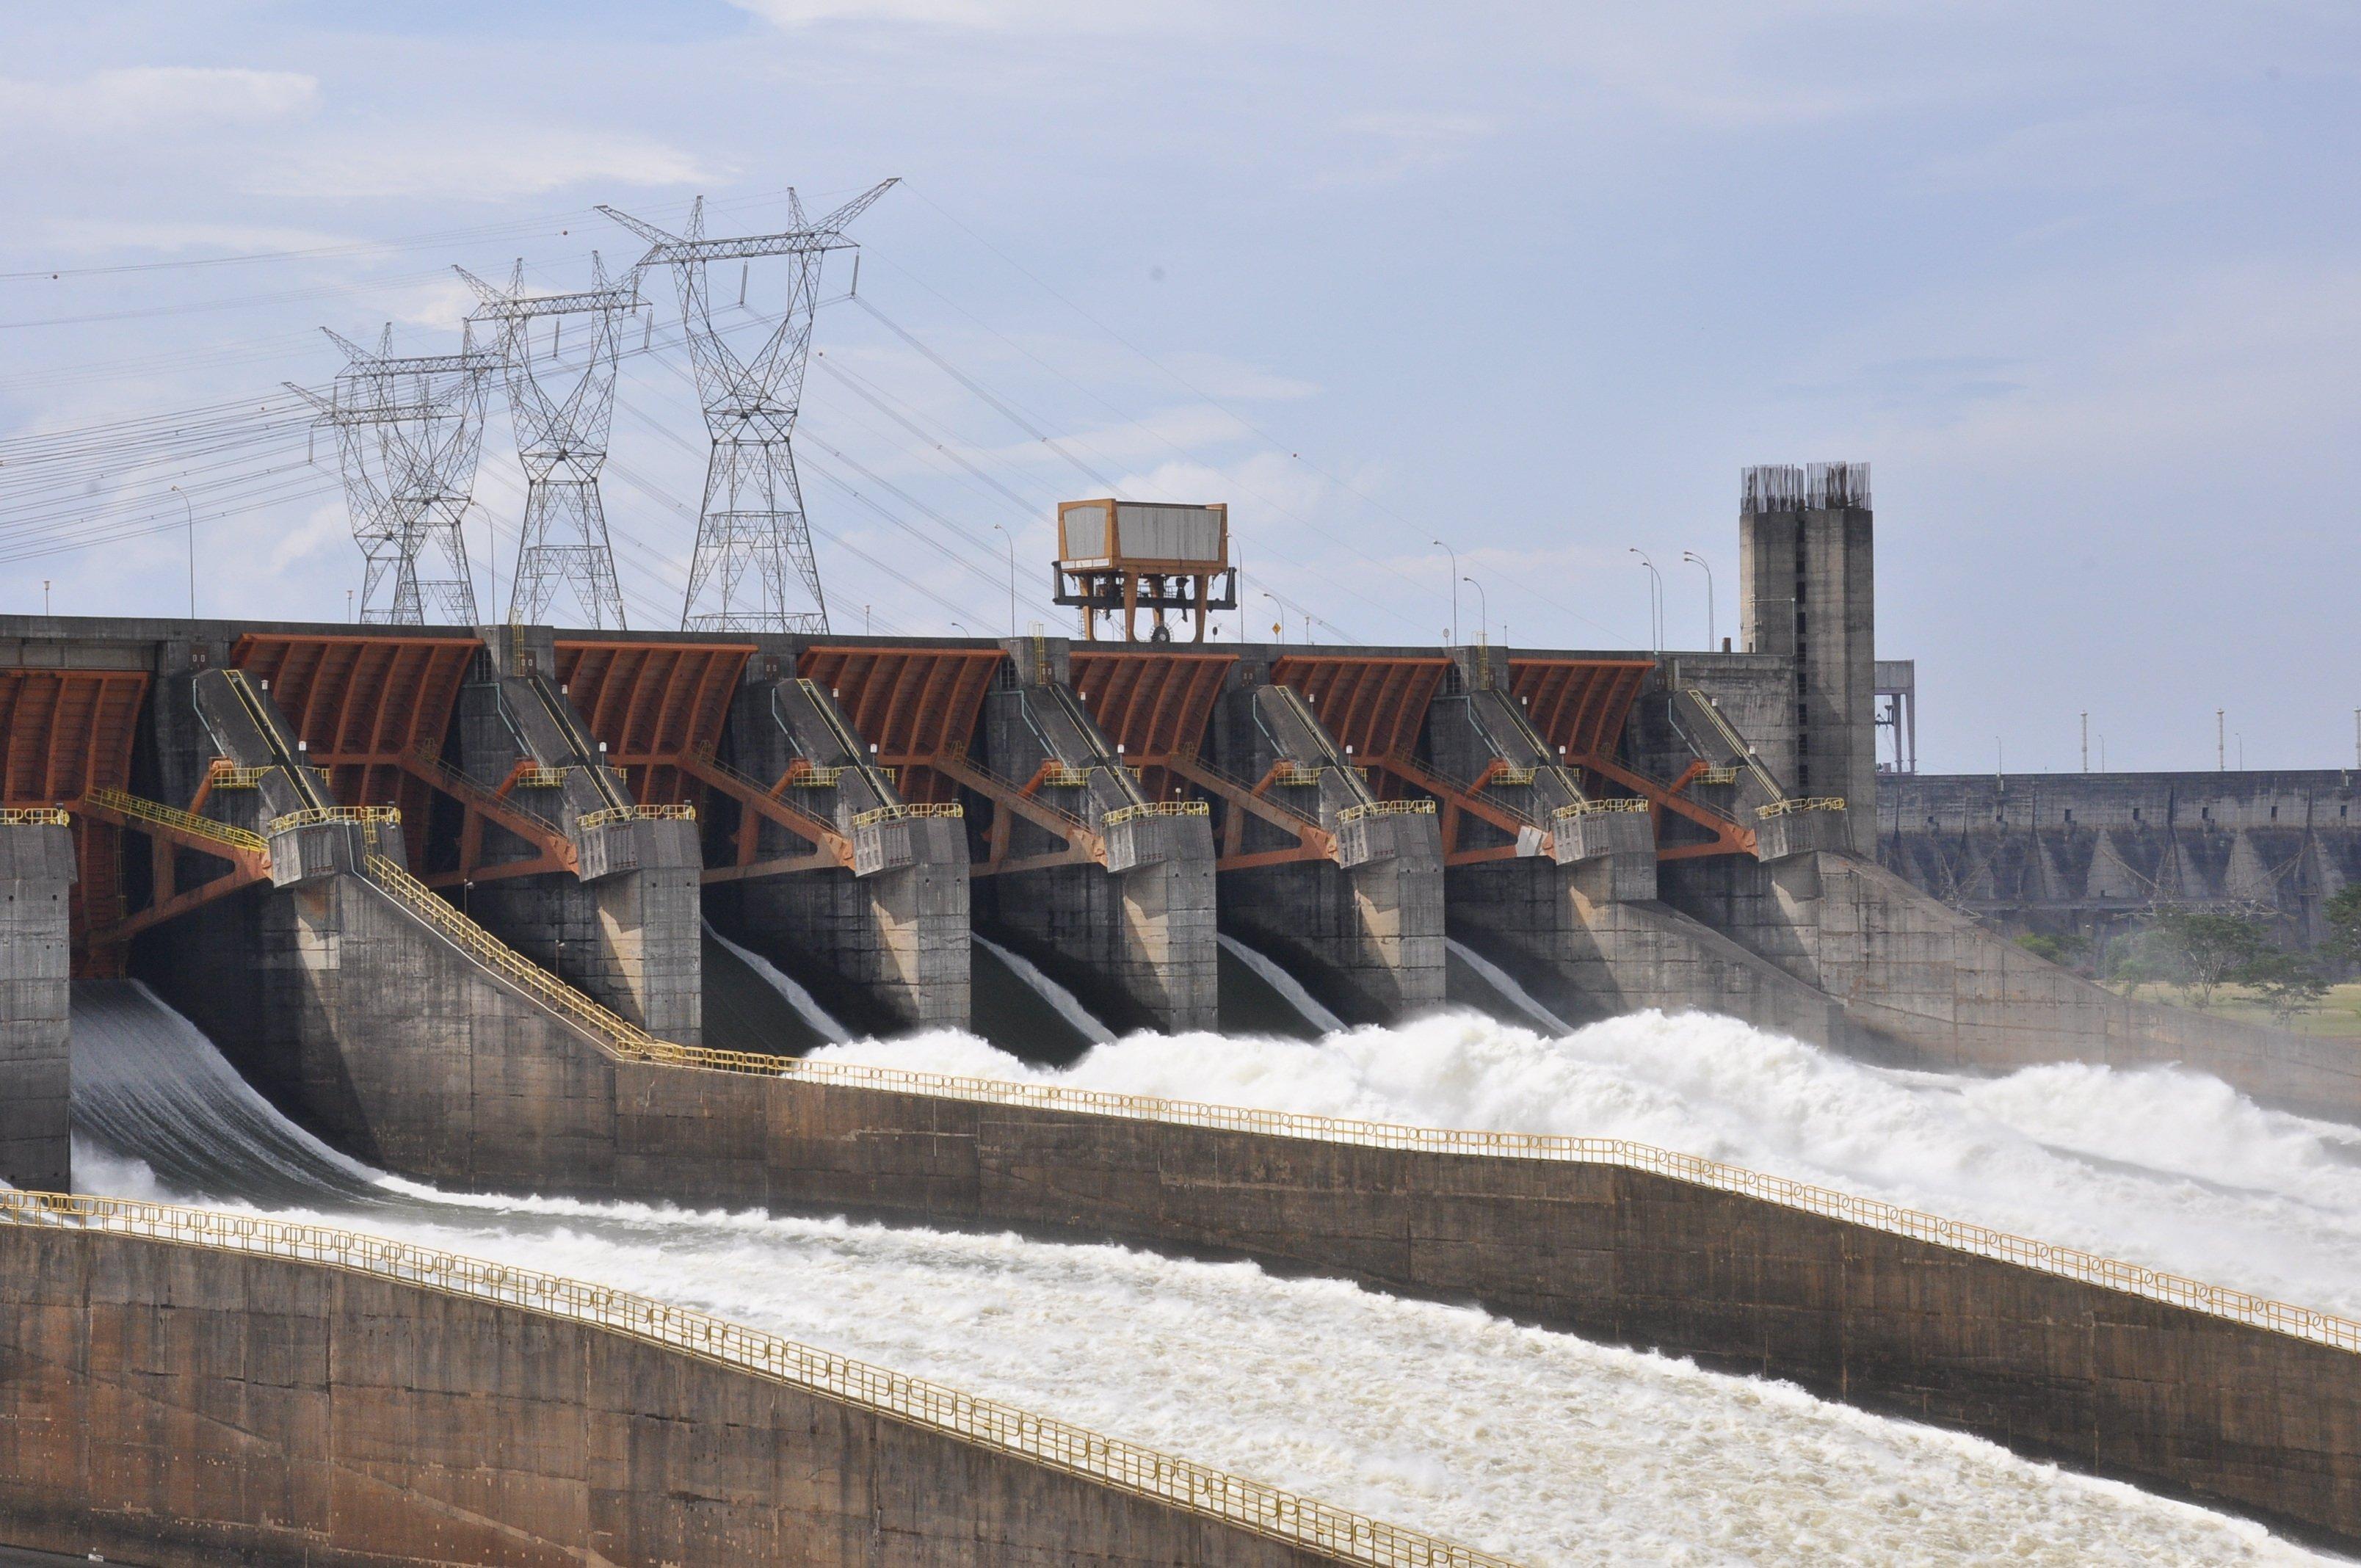 Itaipú: Das größte Wasserkraftwerk in Brasilien ist gleichzeitig das zweitgrößte der Welt.